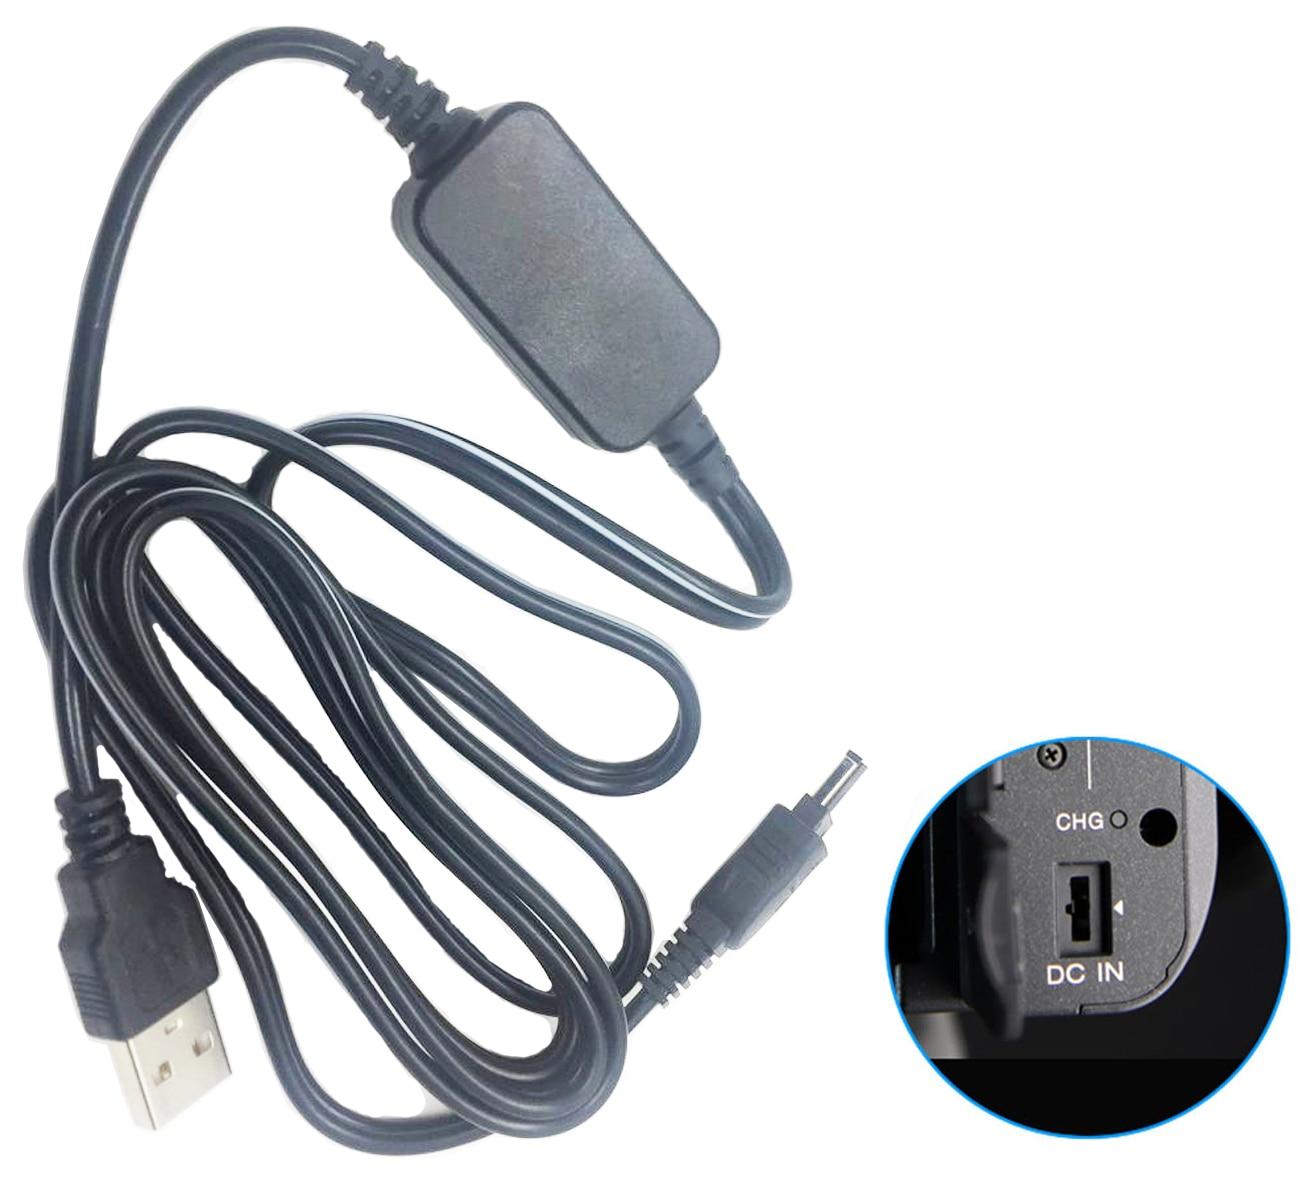 Cargador cable de alimentación para Sony ccd-trv208e